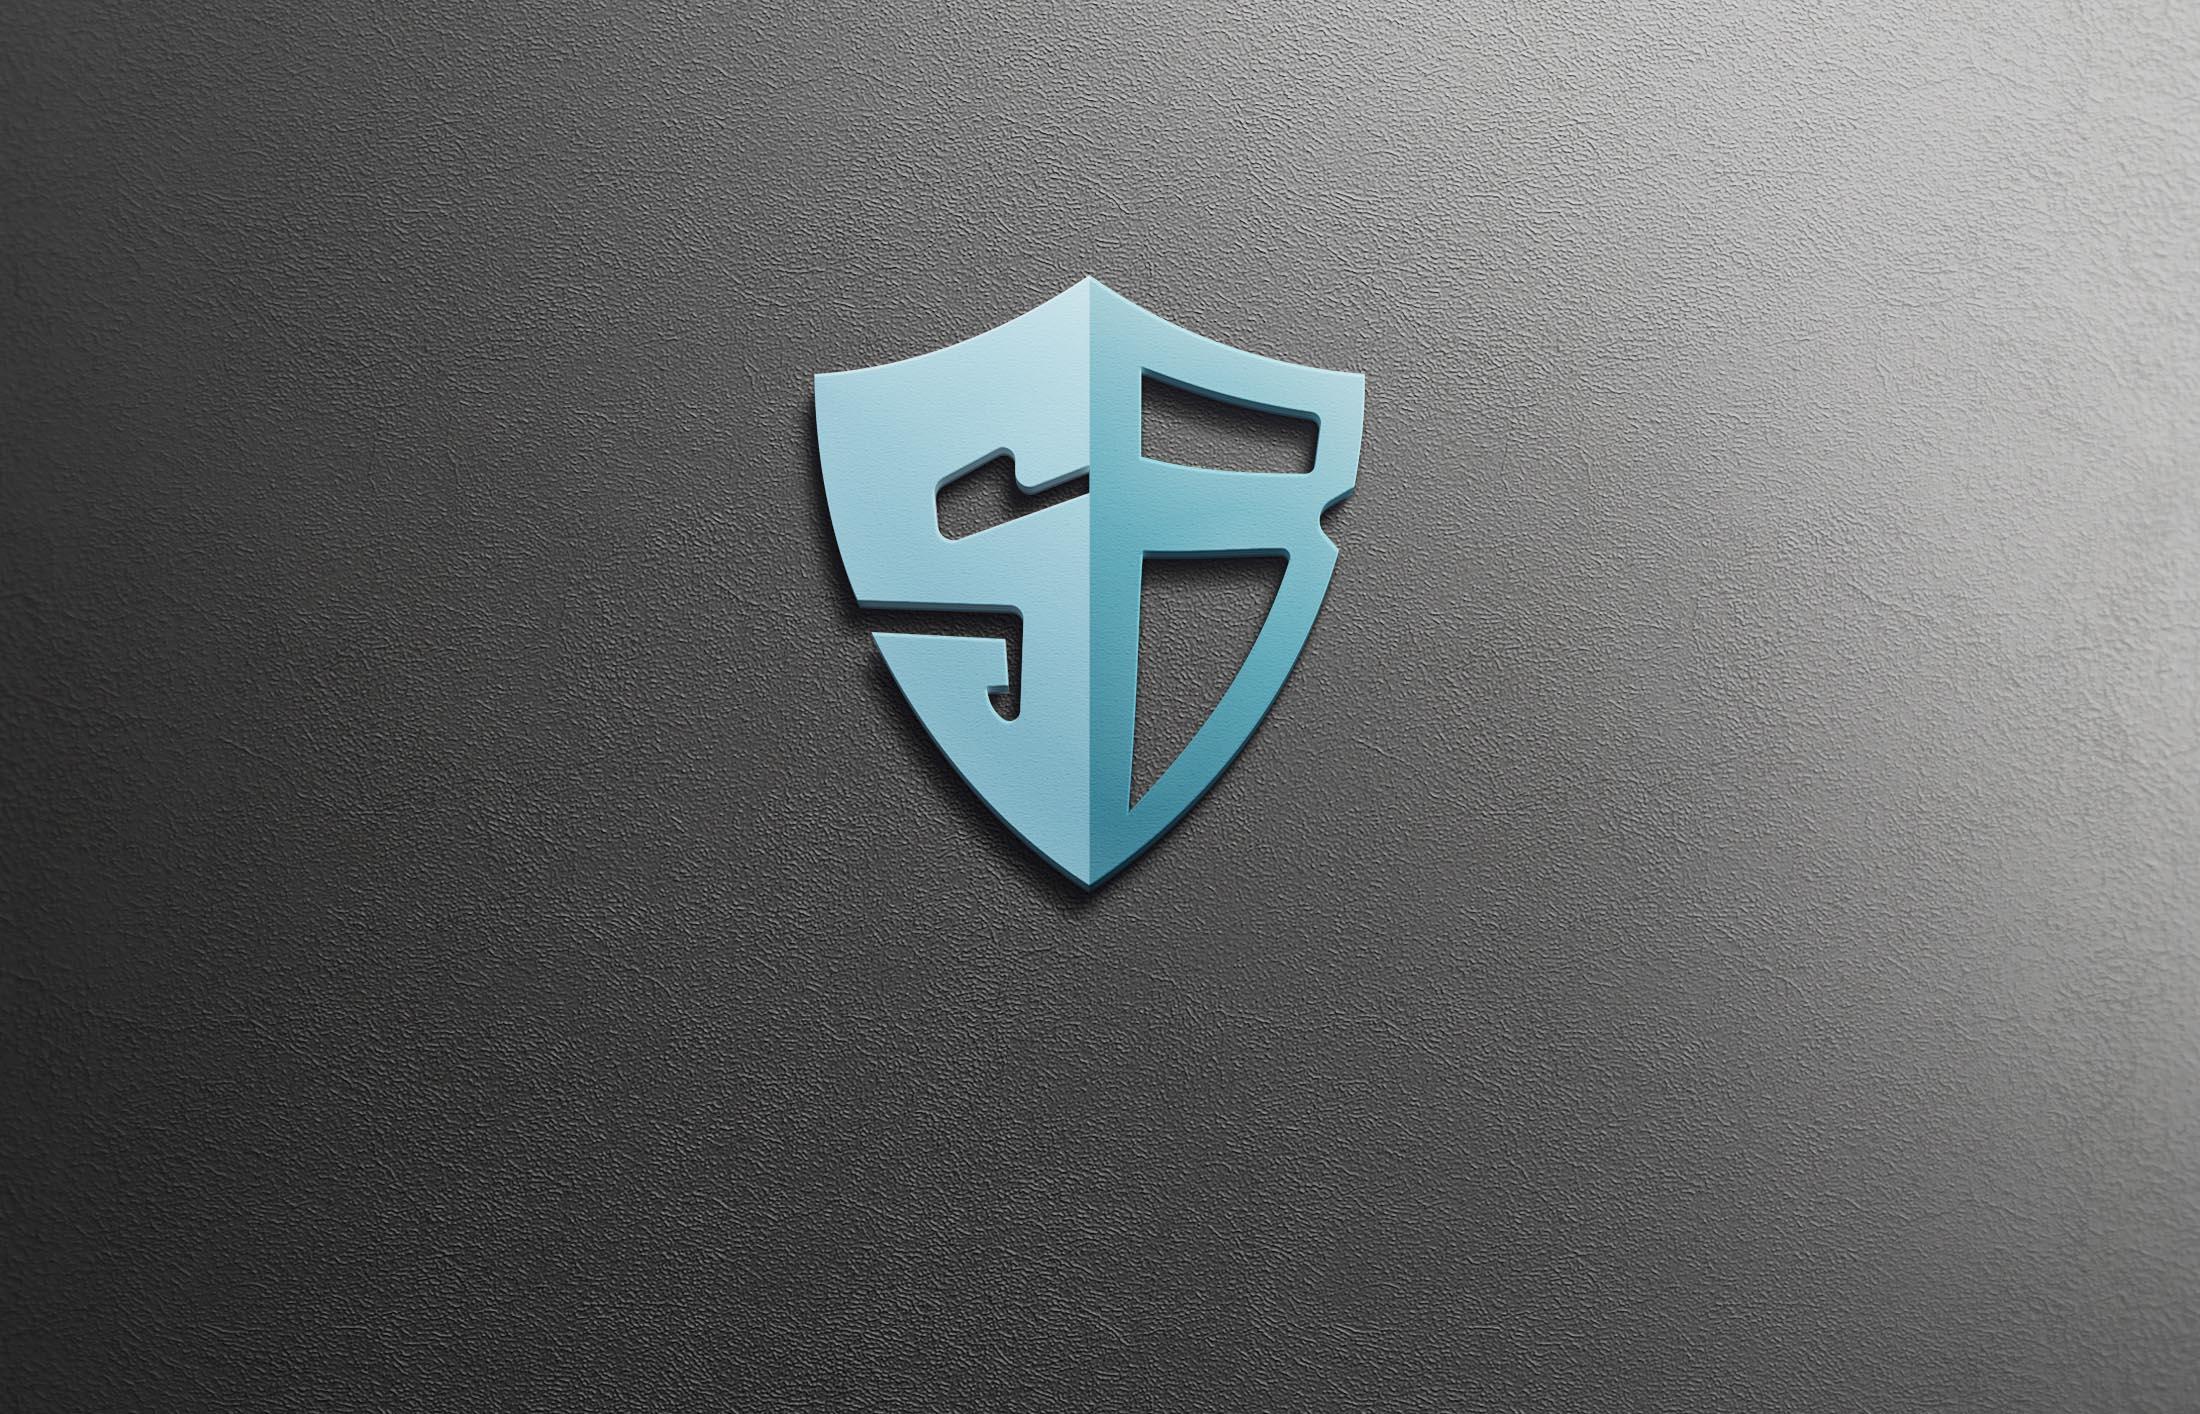 Логотип + Визитка Портала безопасных сделок фото f_899535ee8d98b8f6.jpg